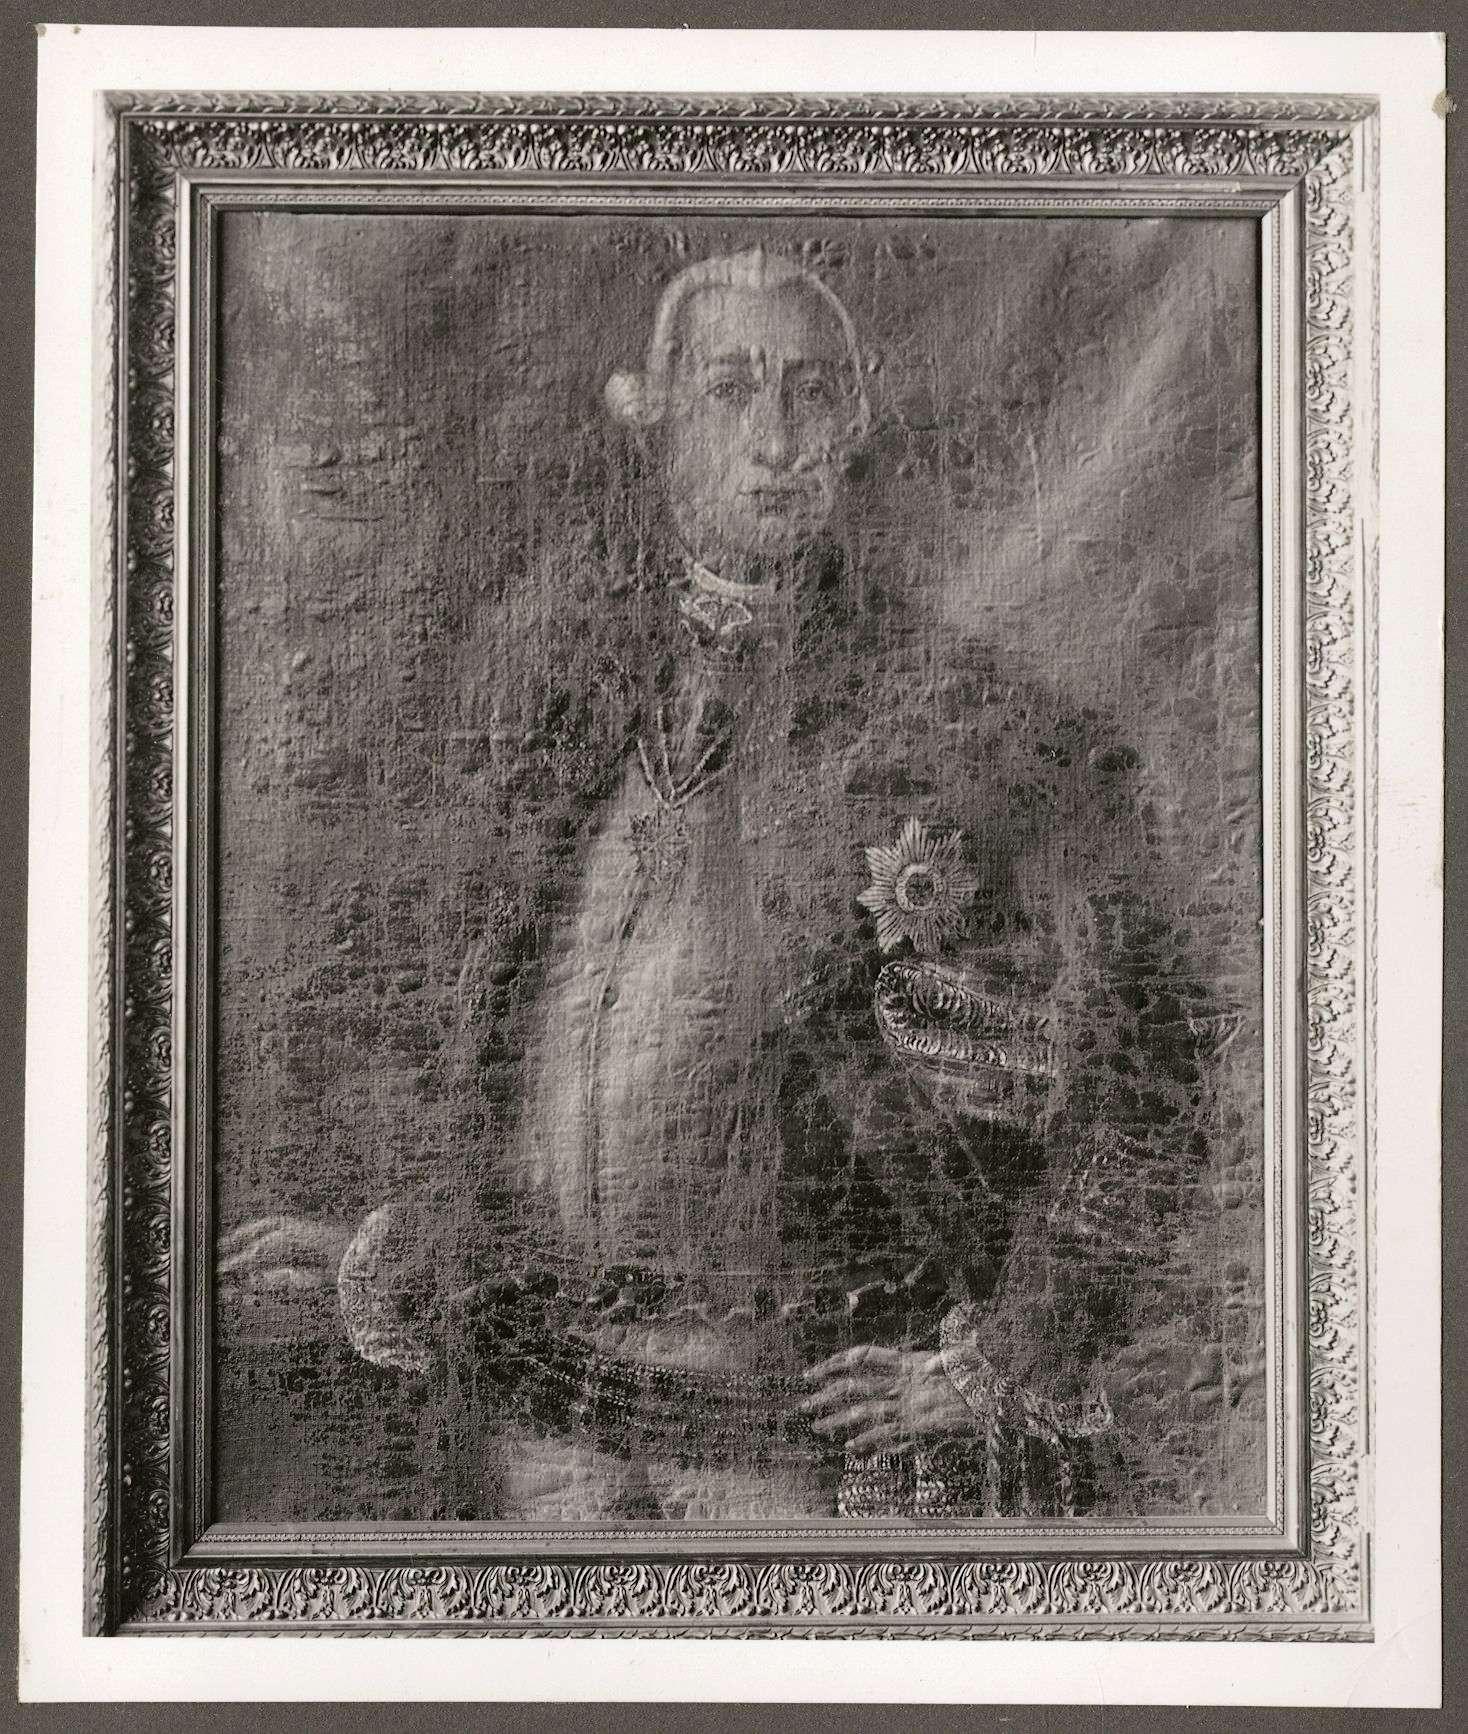 Wunsch, Johann Jakob von, Bild 1